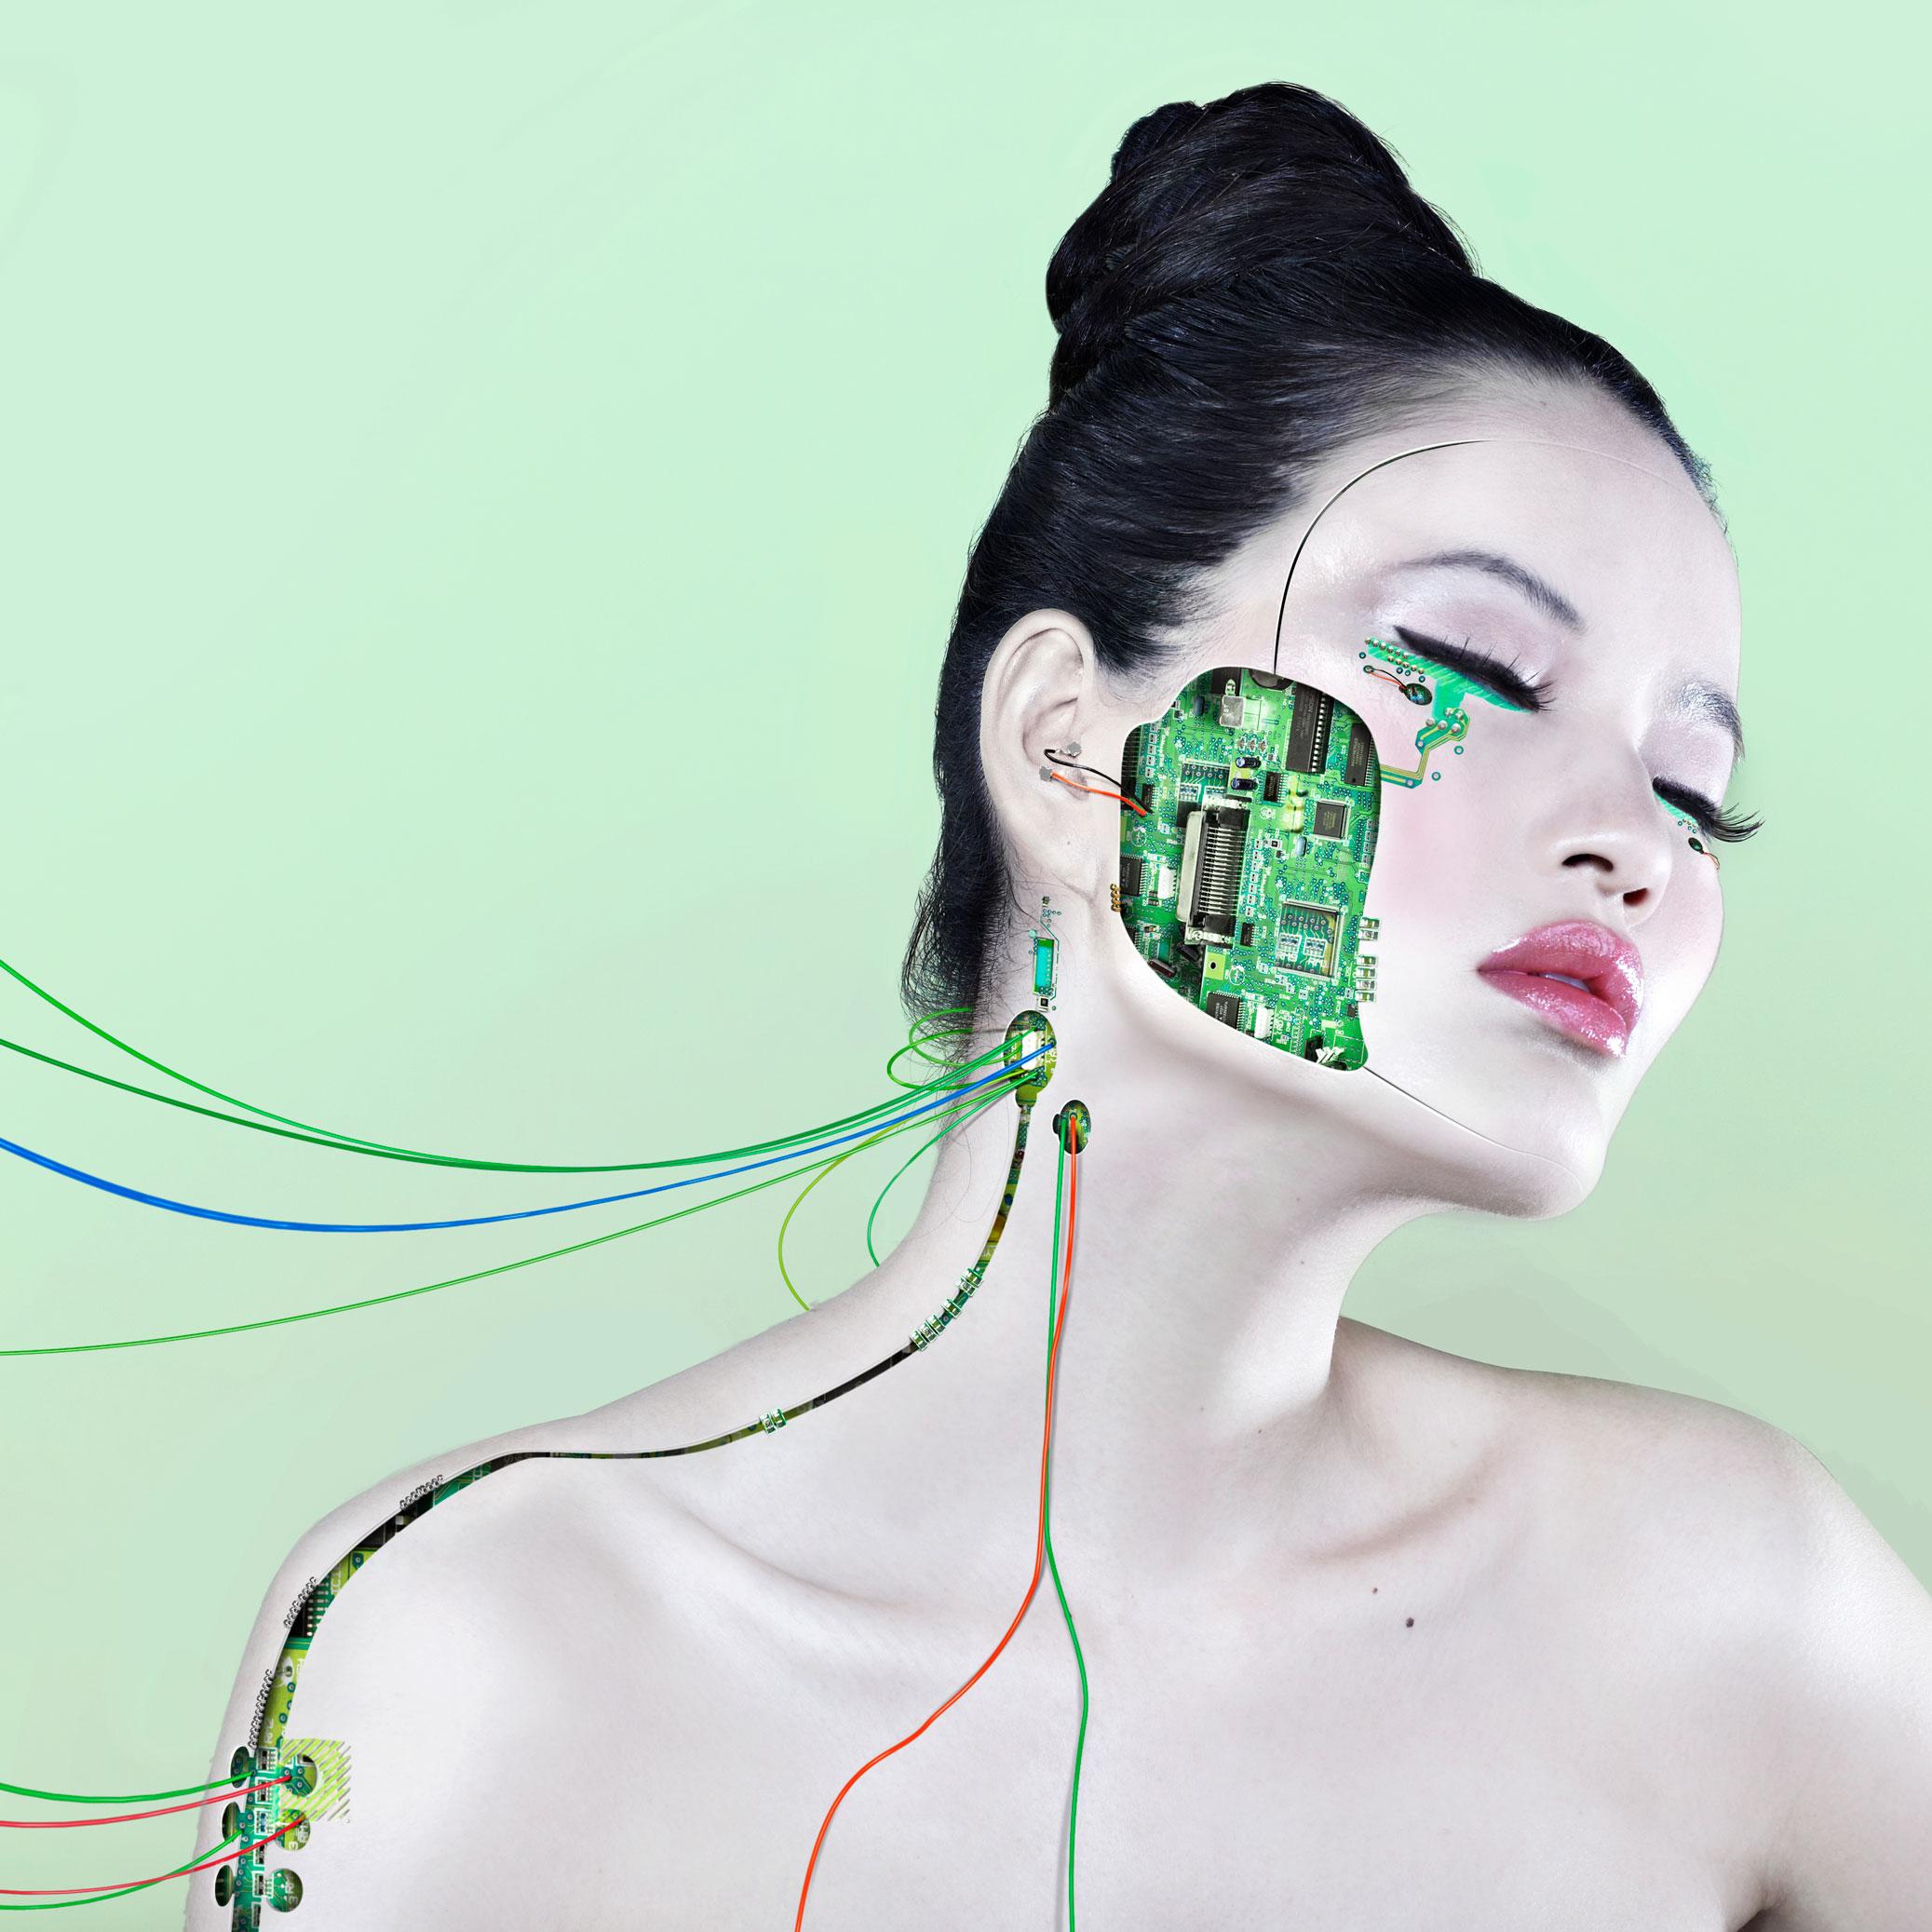 Conceptual Robot Girl